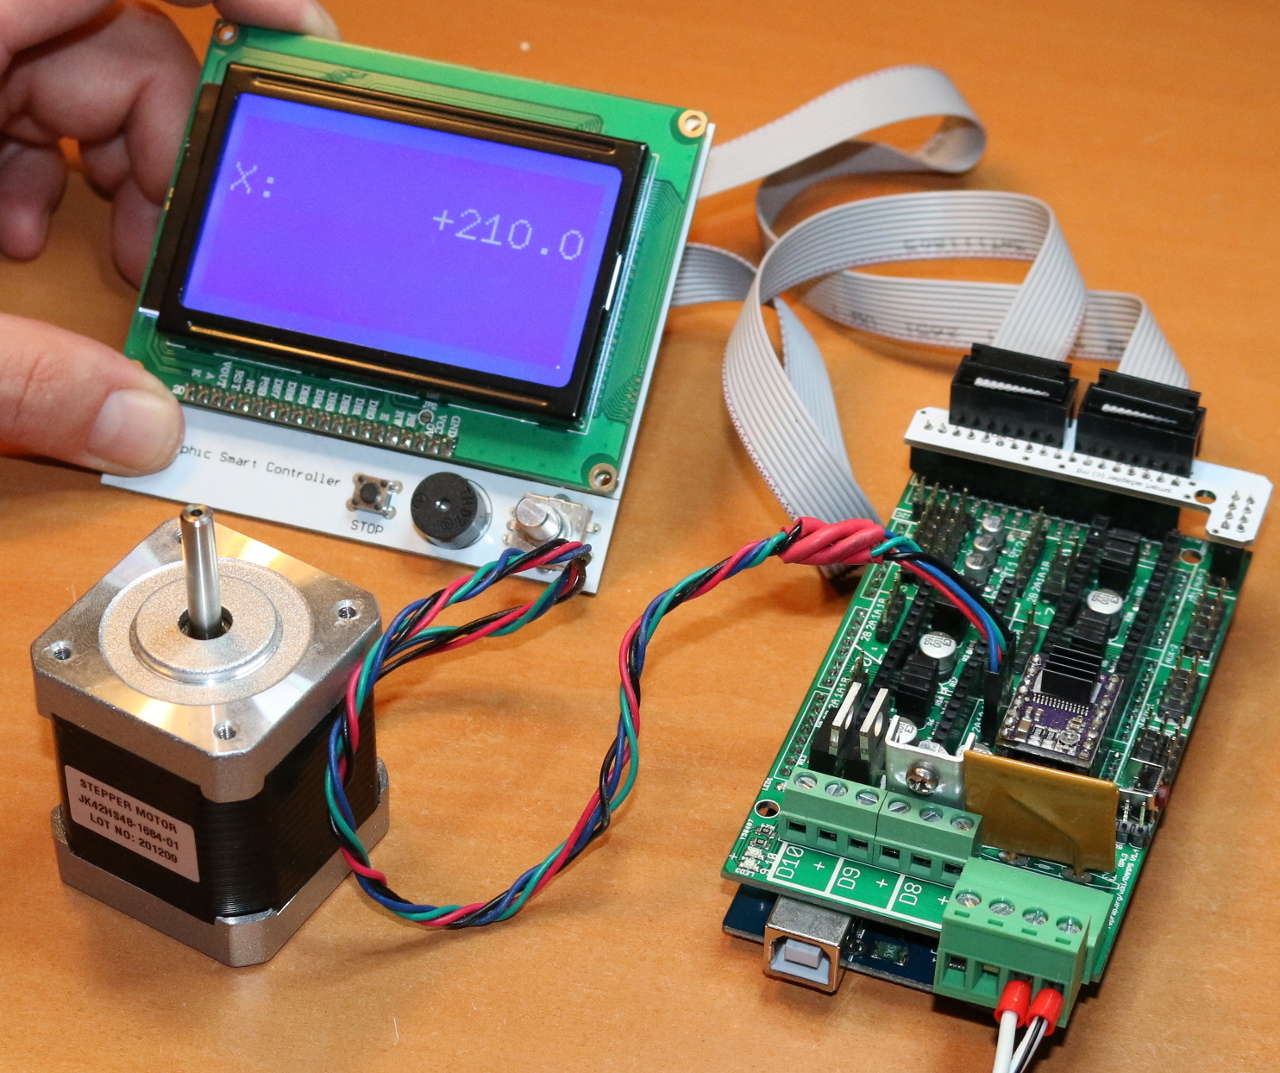 drv8825-check-motor-function